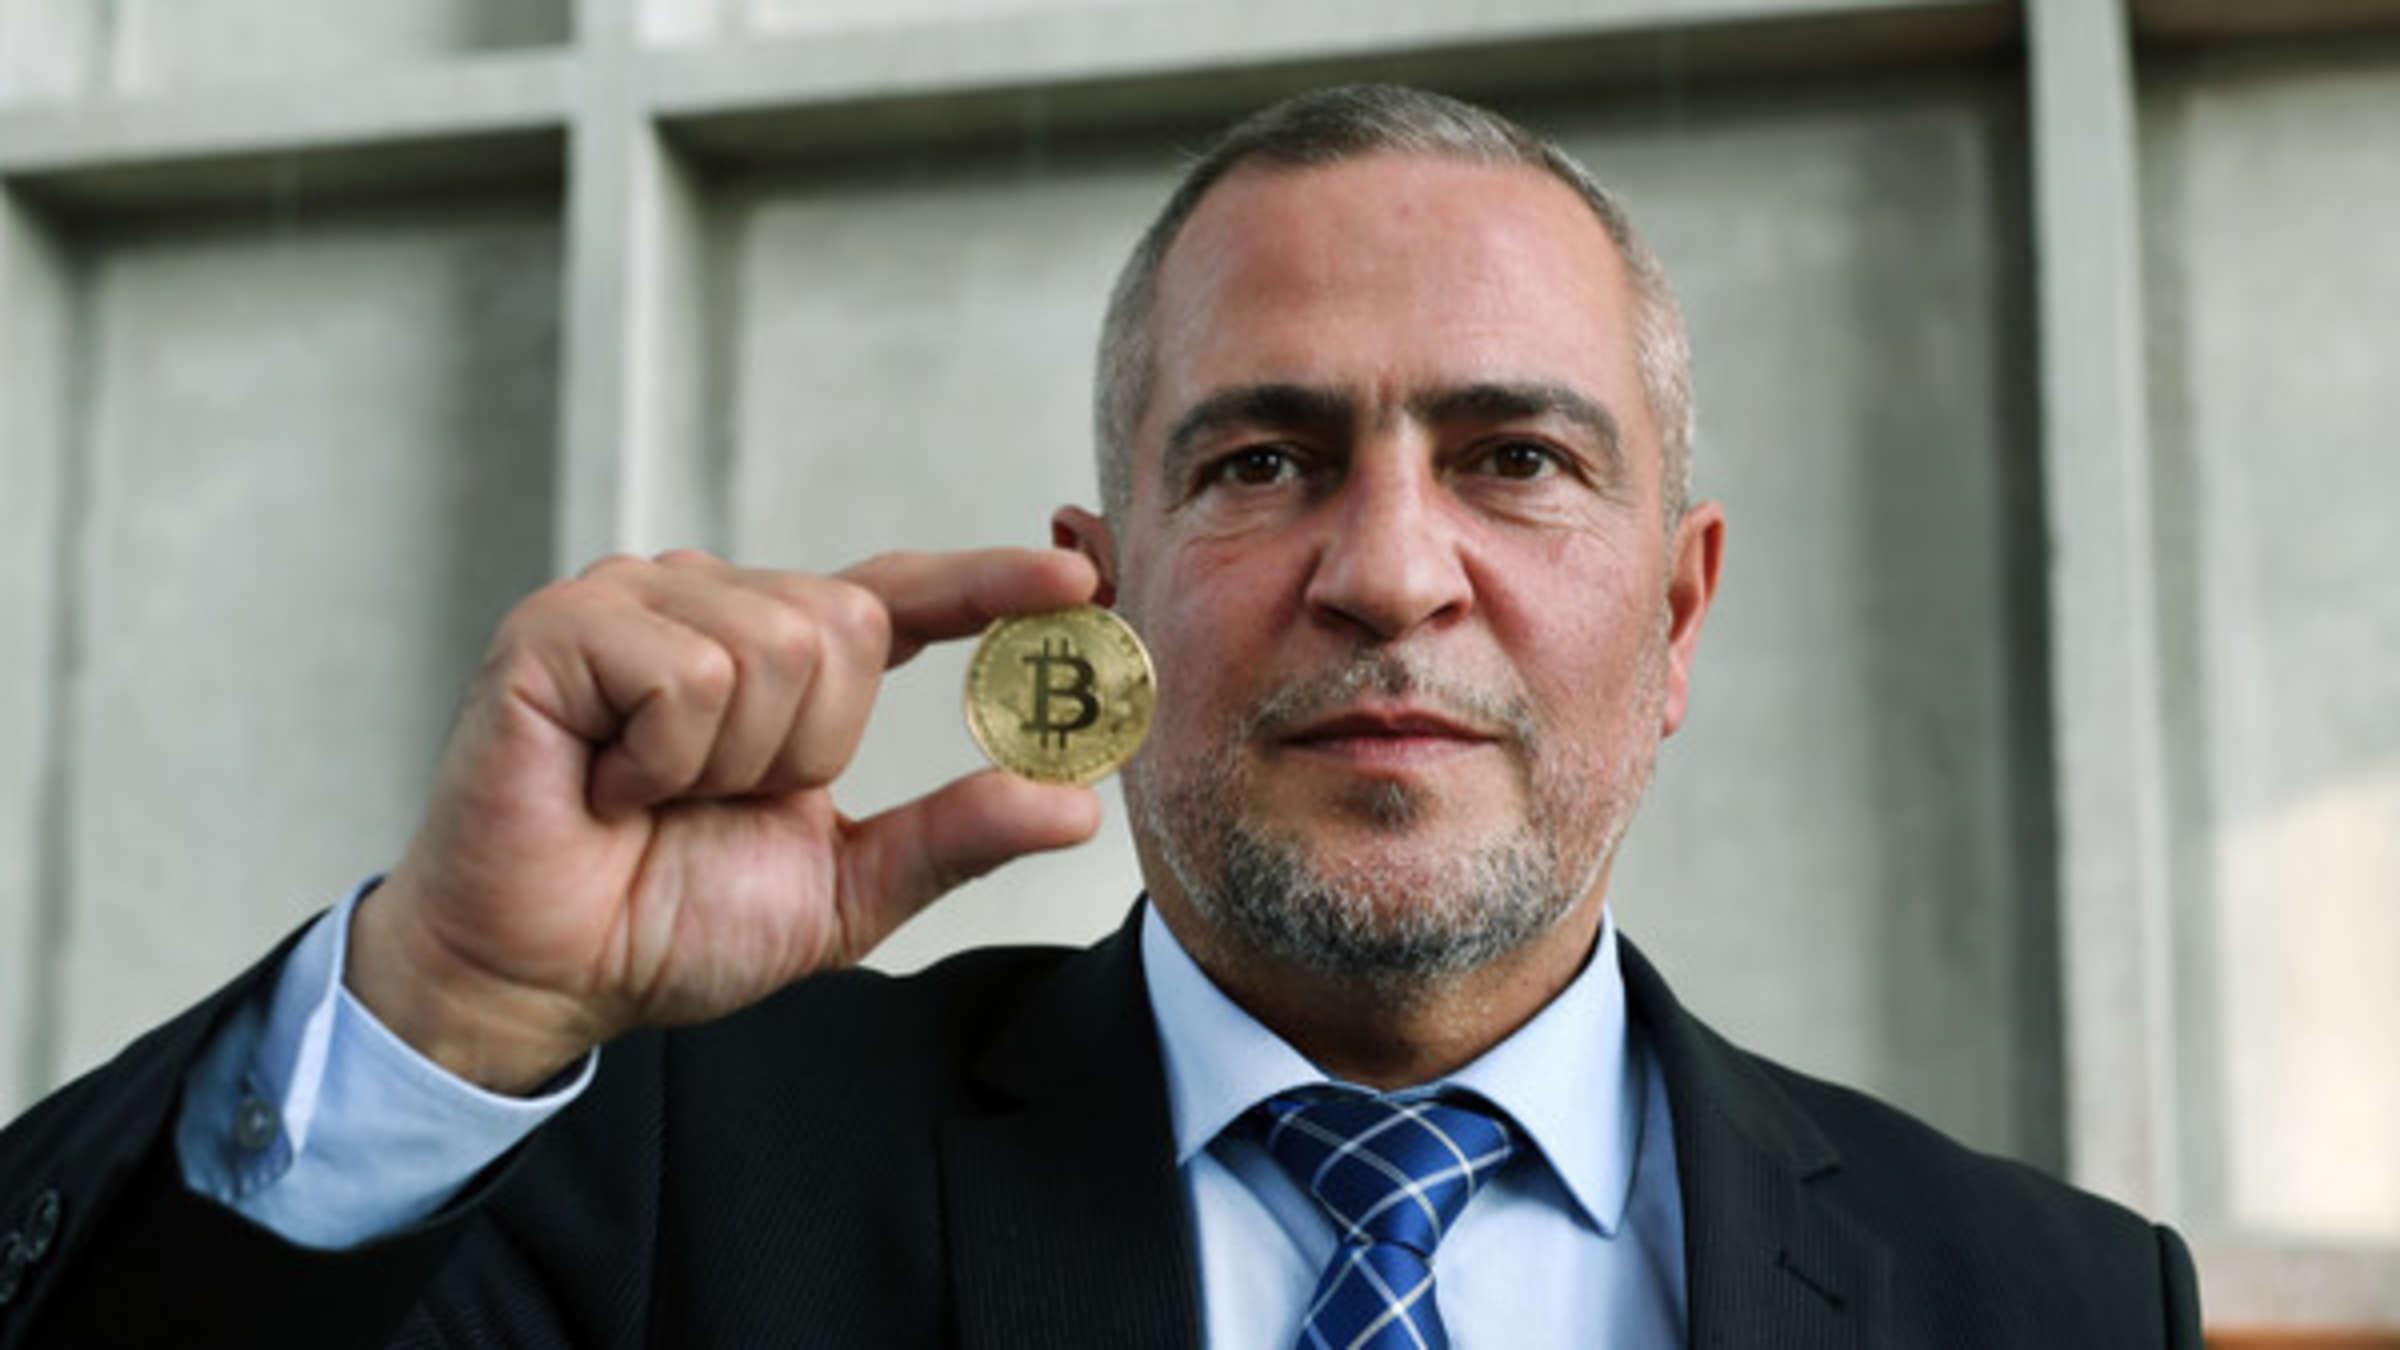 Investiert in Bitcoin gefahrlich